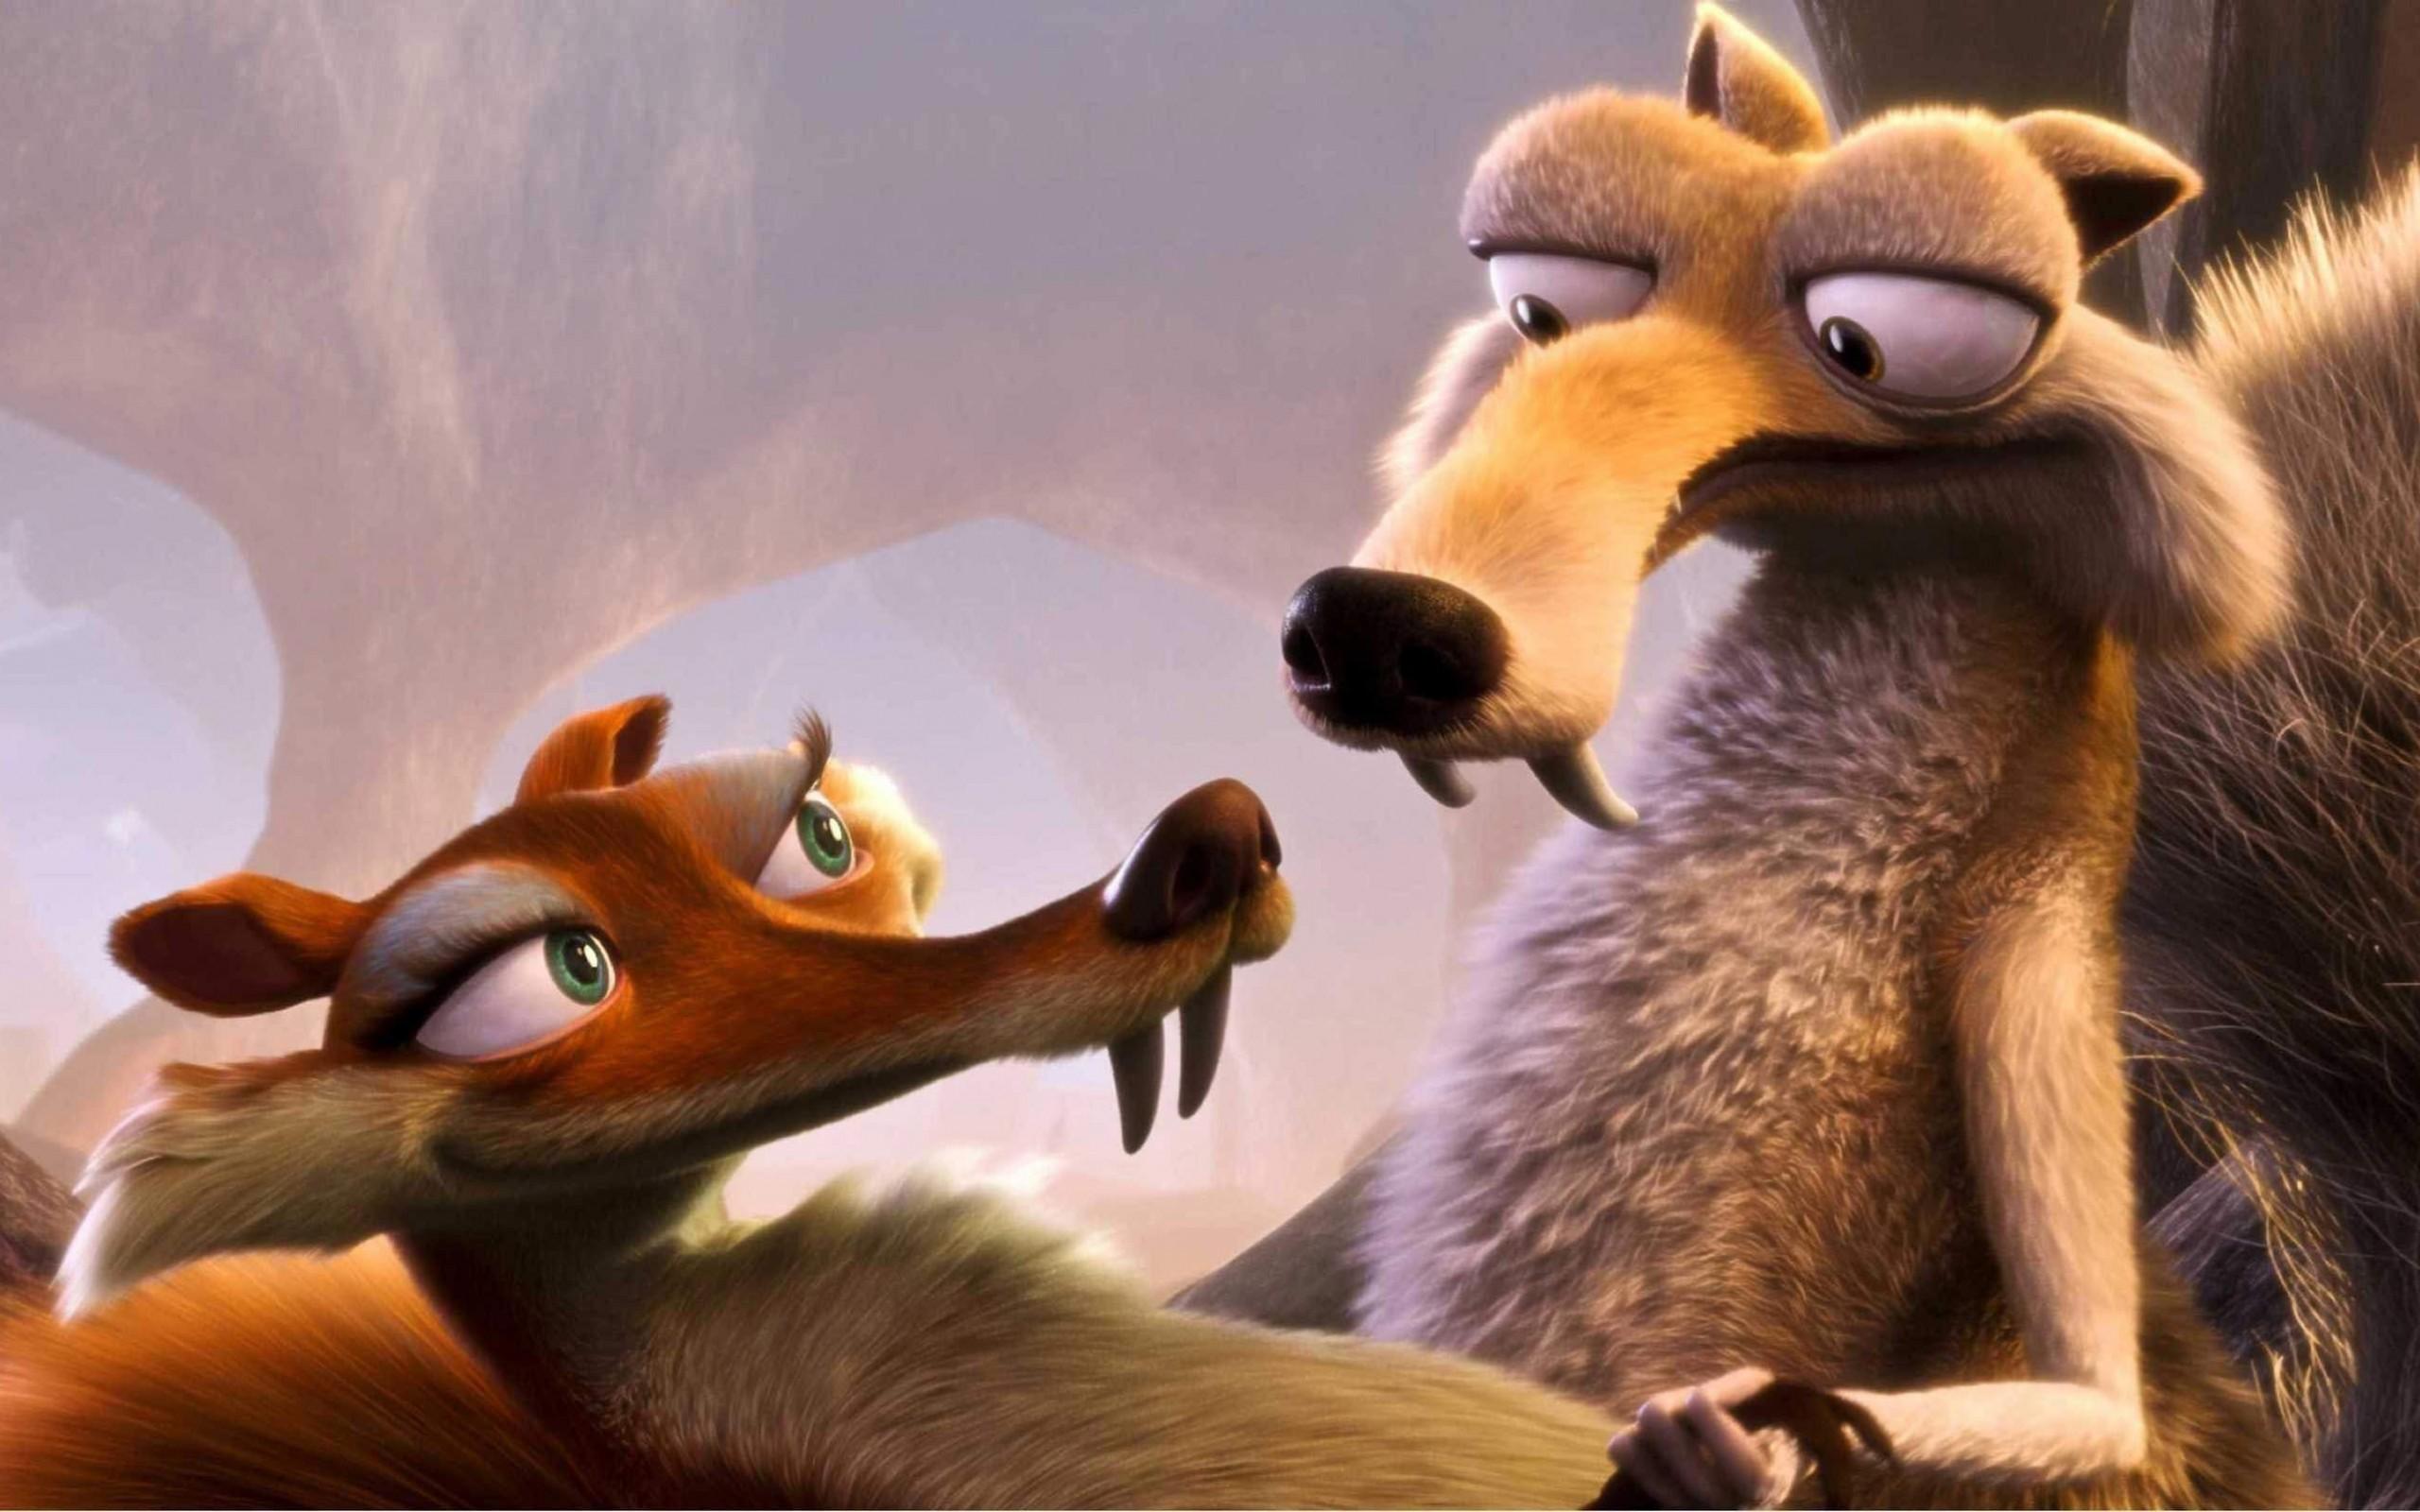 Masaüstü Filmler Vahşi Hayat Animasyon Filmleri Buz Devri Buz